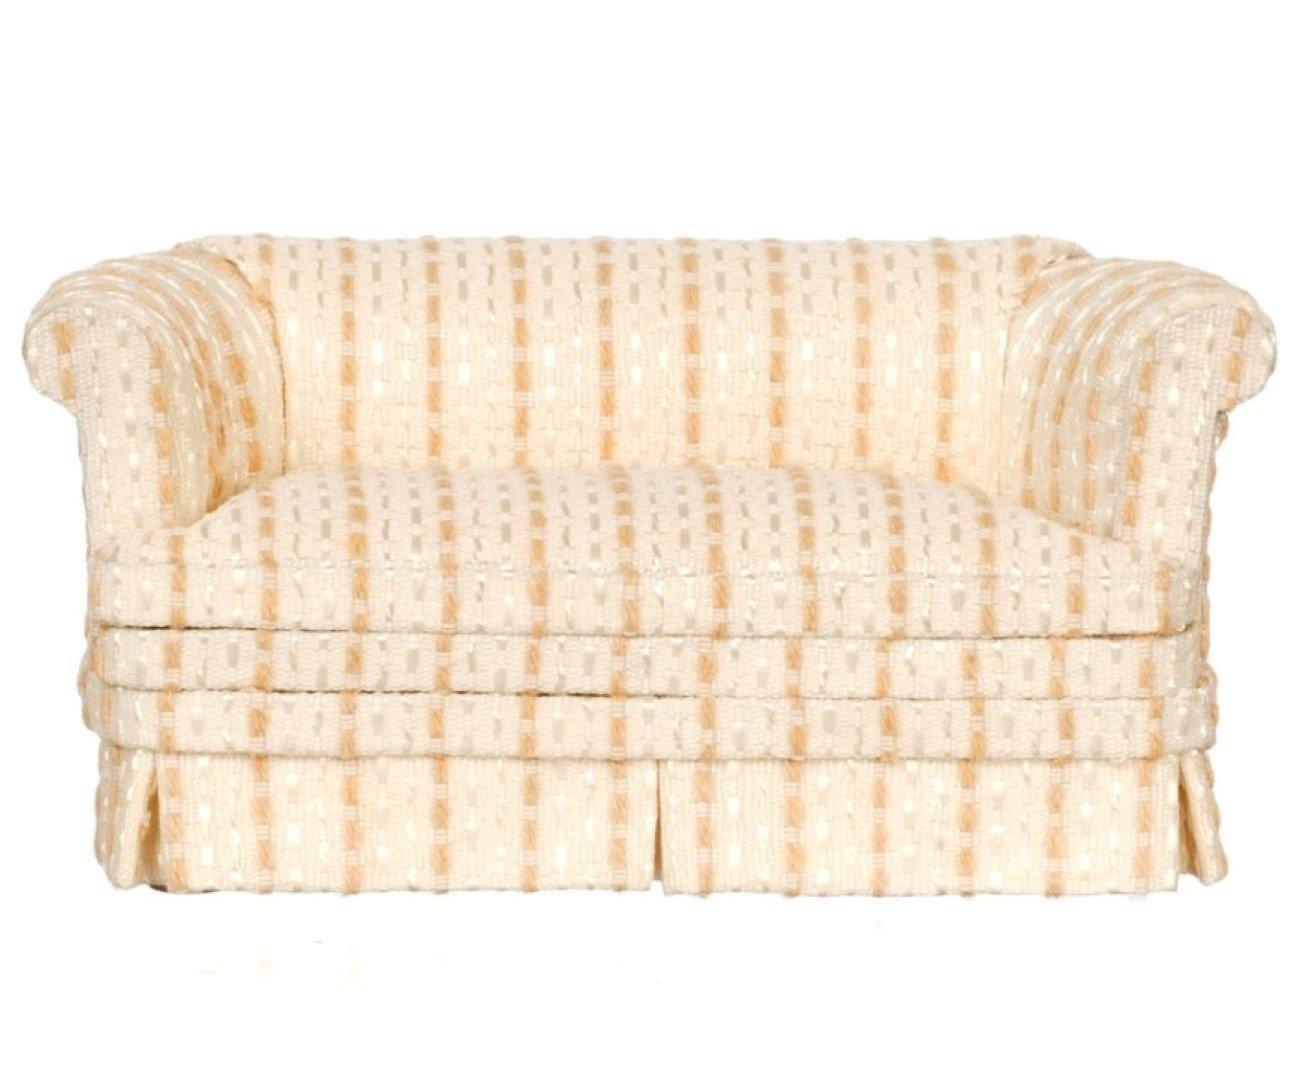 激安店舗 Dolls House Furniture Miniature Cream Platinum Living Room Furniture Cream Tan Tan Stripe Sofa B01BF9DDTO, JEWELCAKE:9197bca4 --- diceanalytics.pk